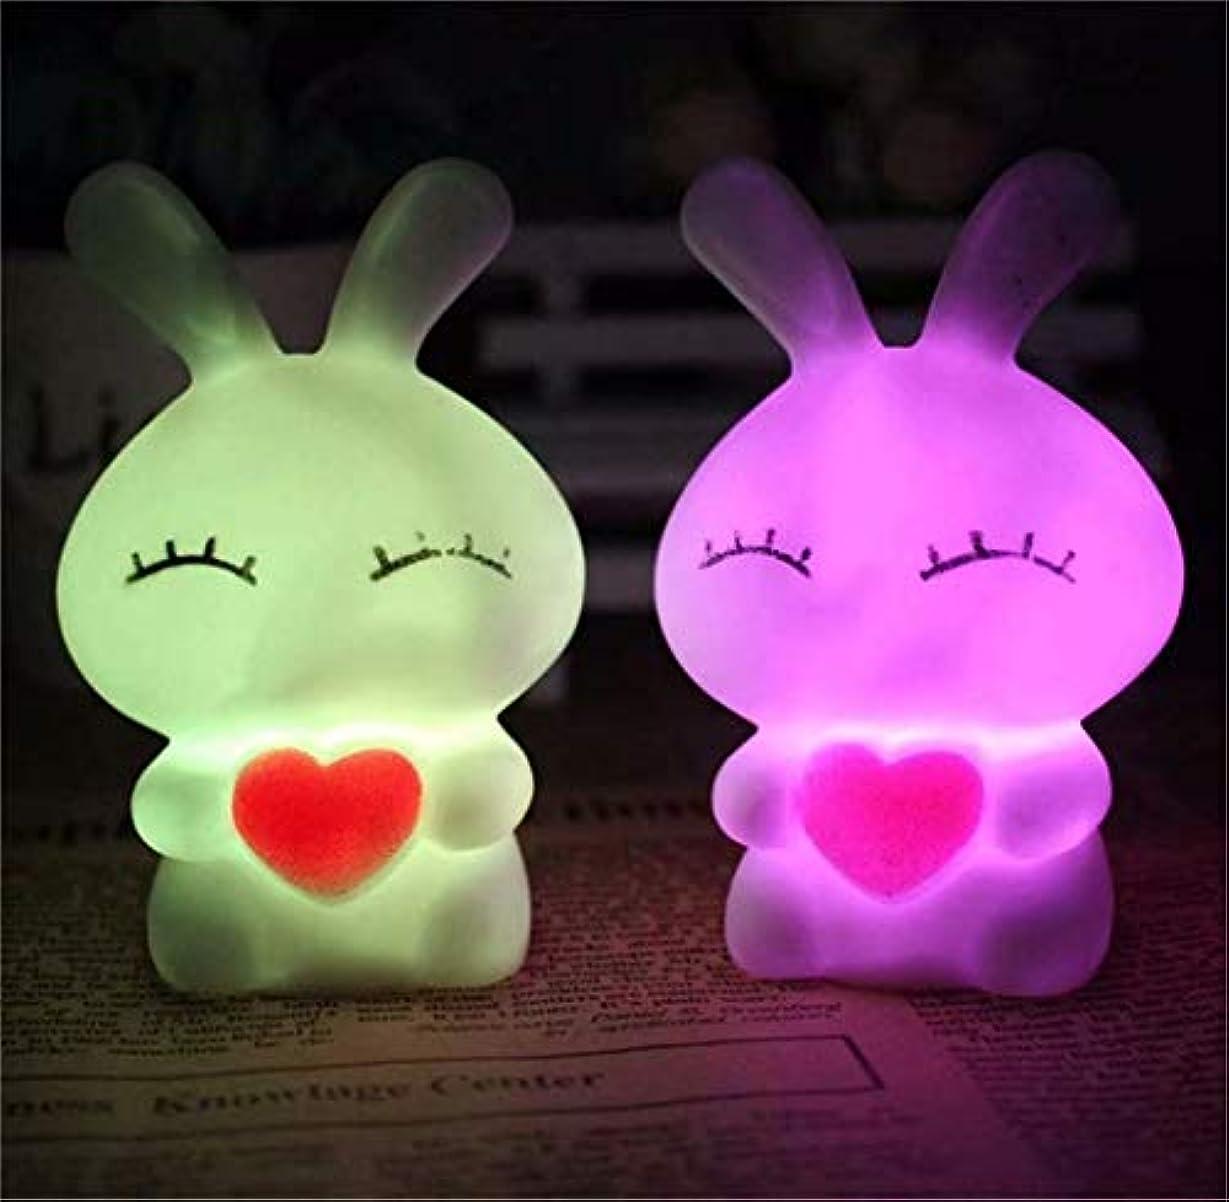 人種雇ったポーン七里の香 シリコンランプ LEDナイトライト 常夜灯 USB充電 子供用 1PC